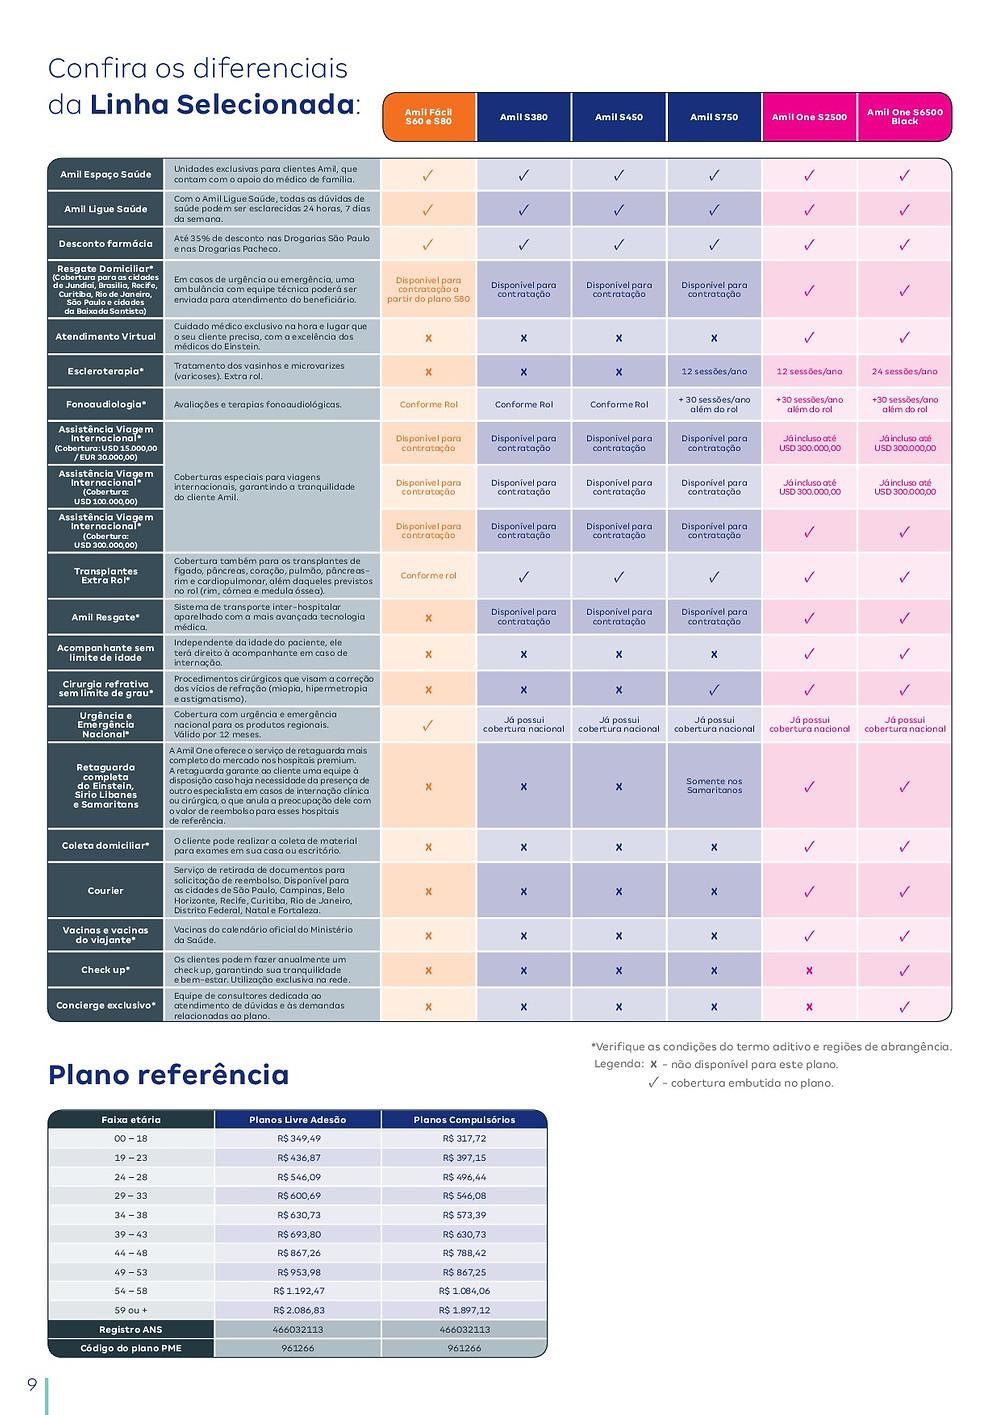 Tabelas de Preços Amil Bahia - Plano de Saude Empresarial